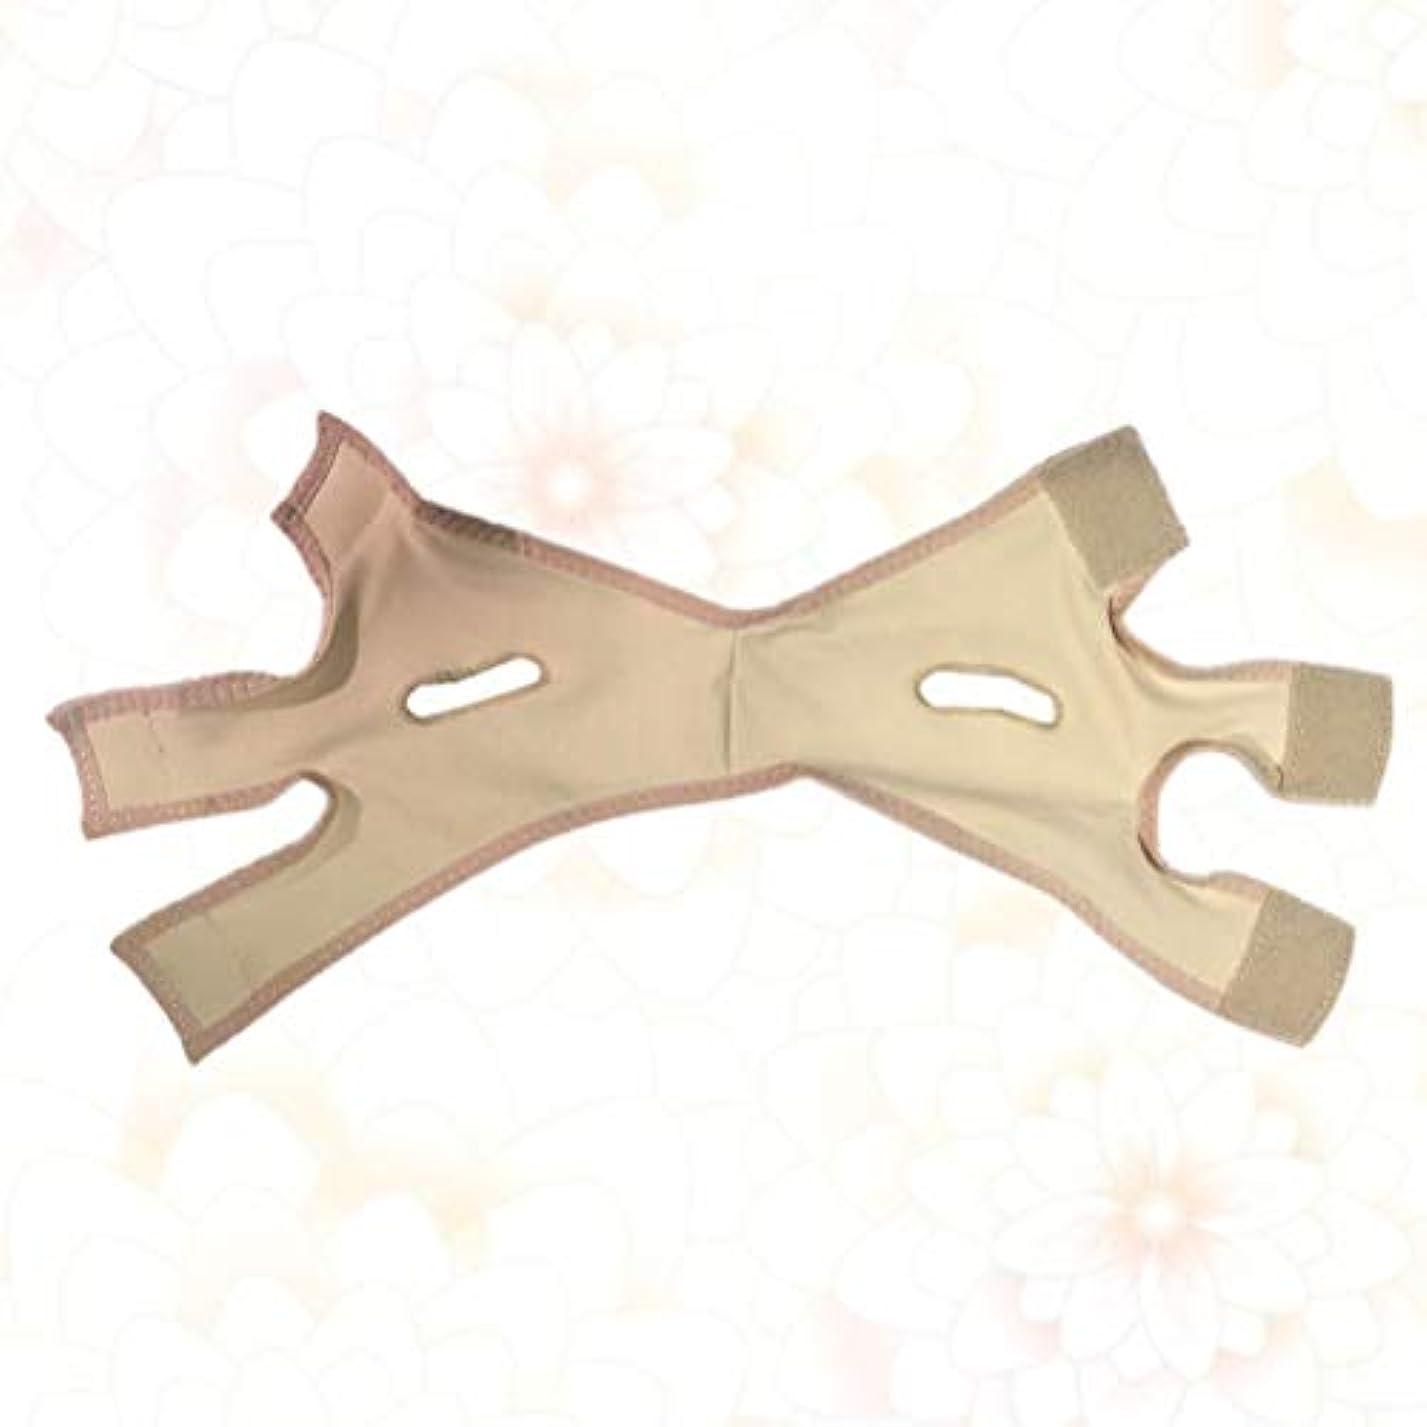 耐久写真撮影胆嚢Healifty フェイススリミングマスクVラインフェイスシェイパーチークリフト包帯ベルトアンチリンクルマスク - サイズS